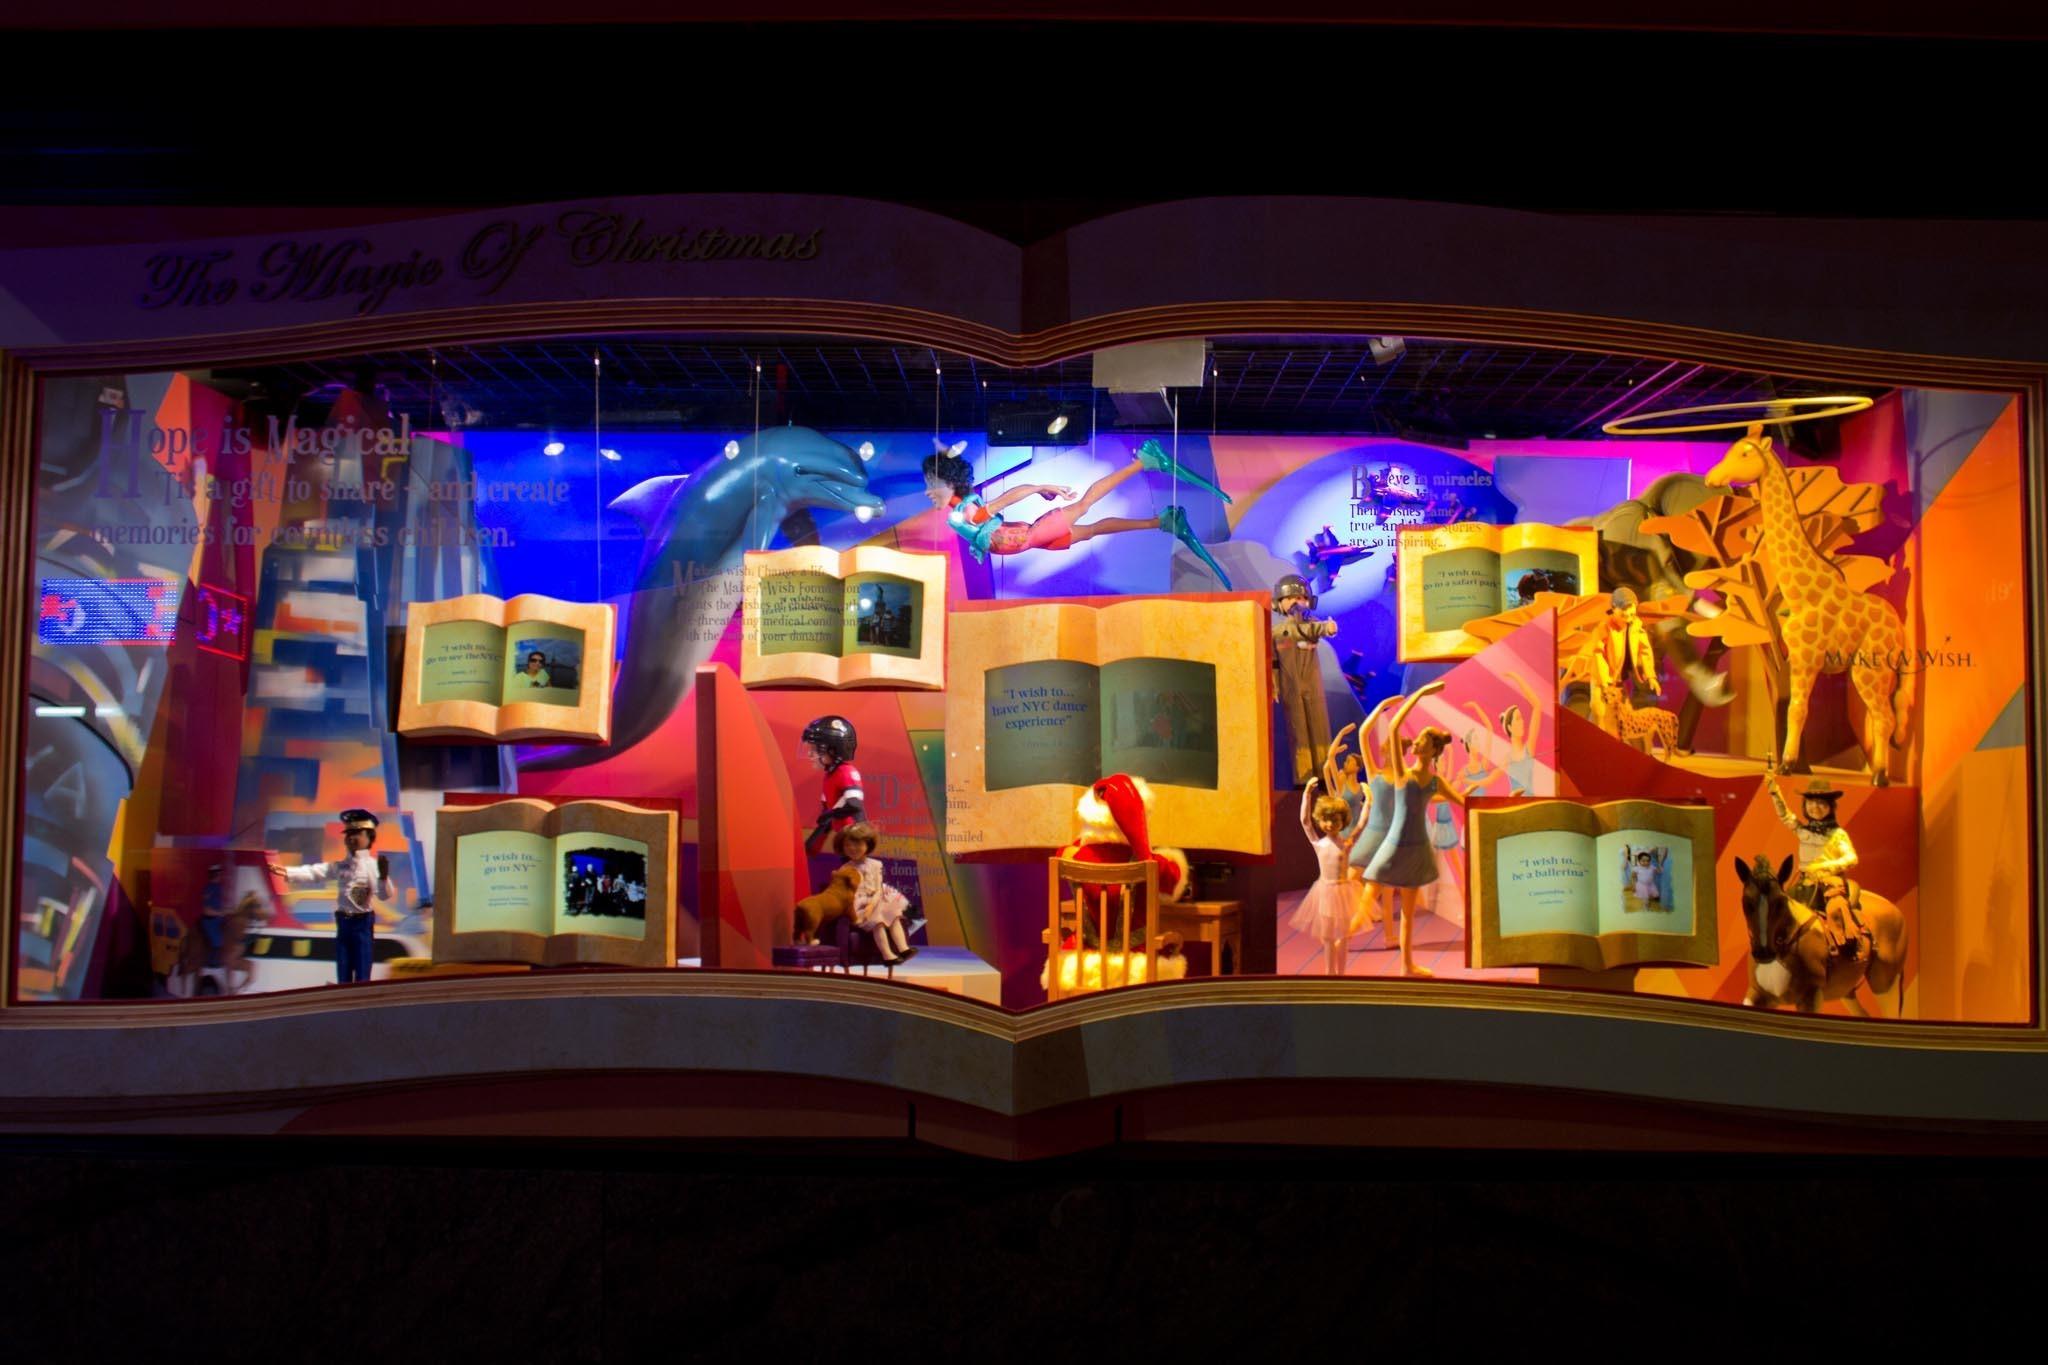 TONY: Macy's holiday window displays, November 15, 2012